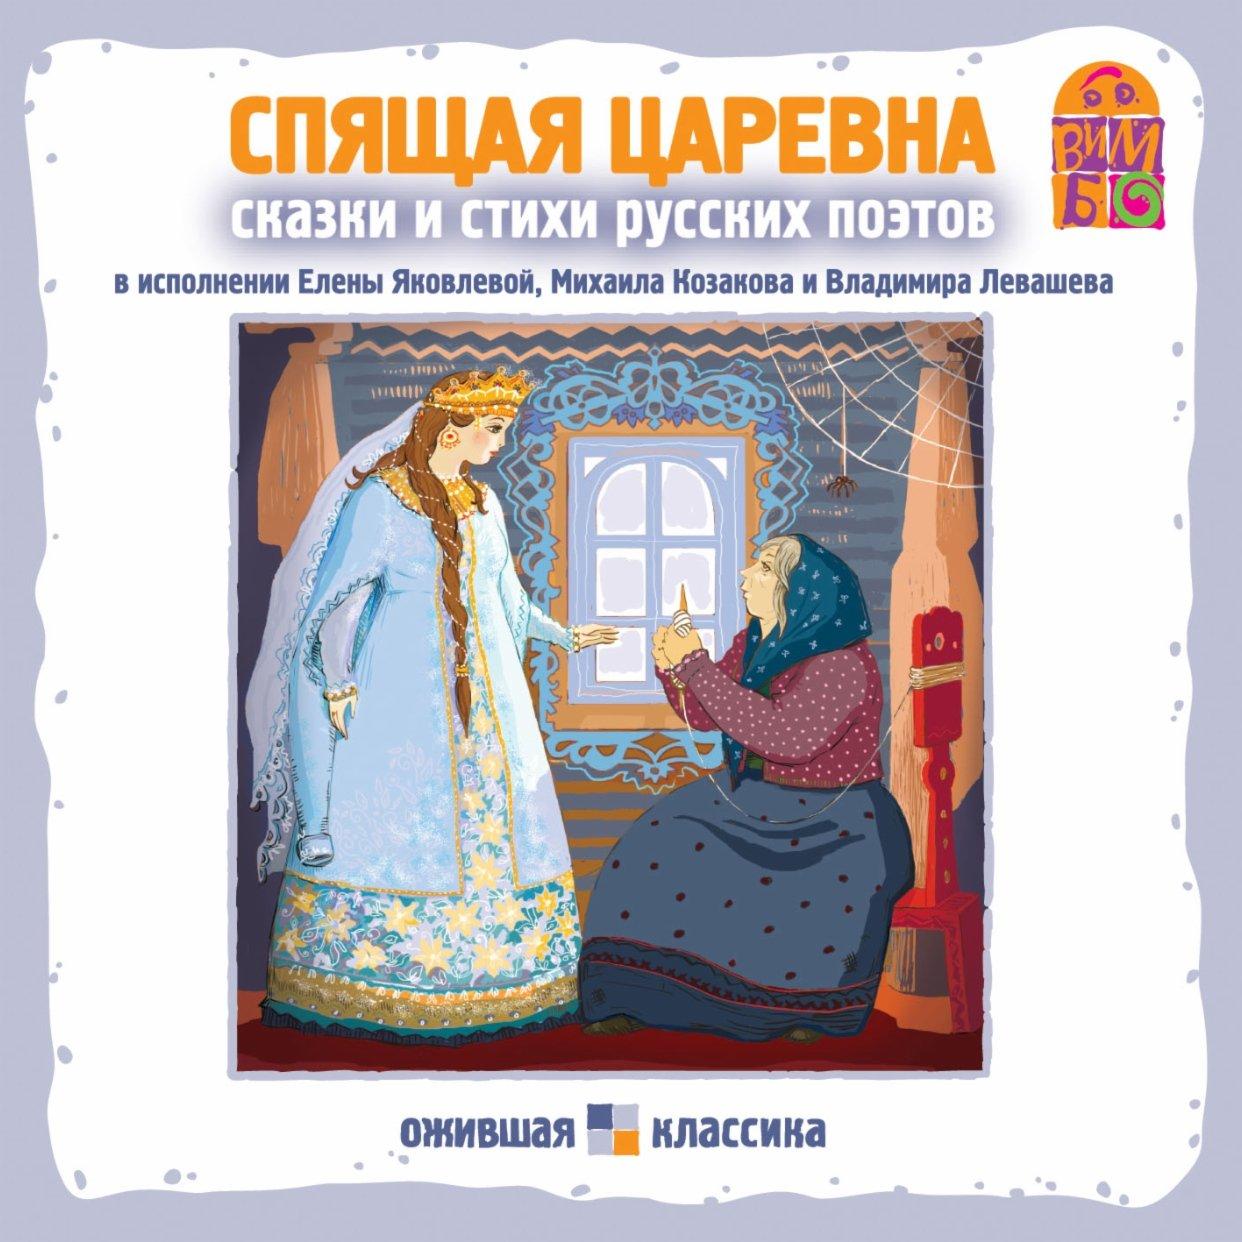 Спящая царевна. Сказки и стихи русских поэтов